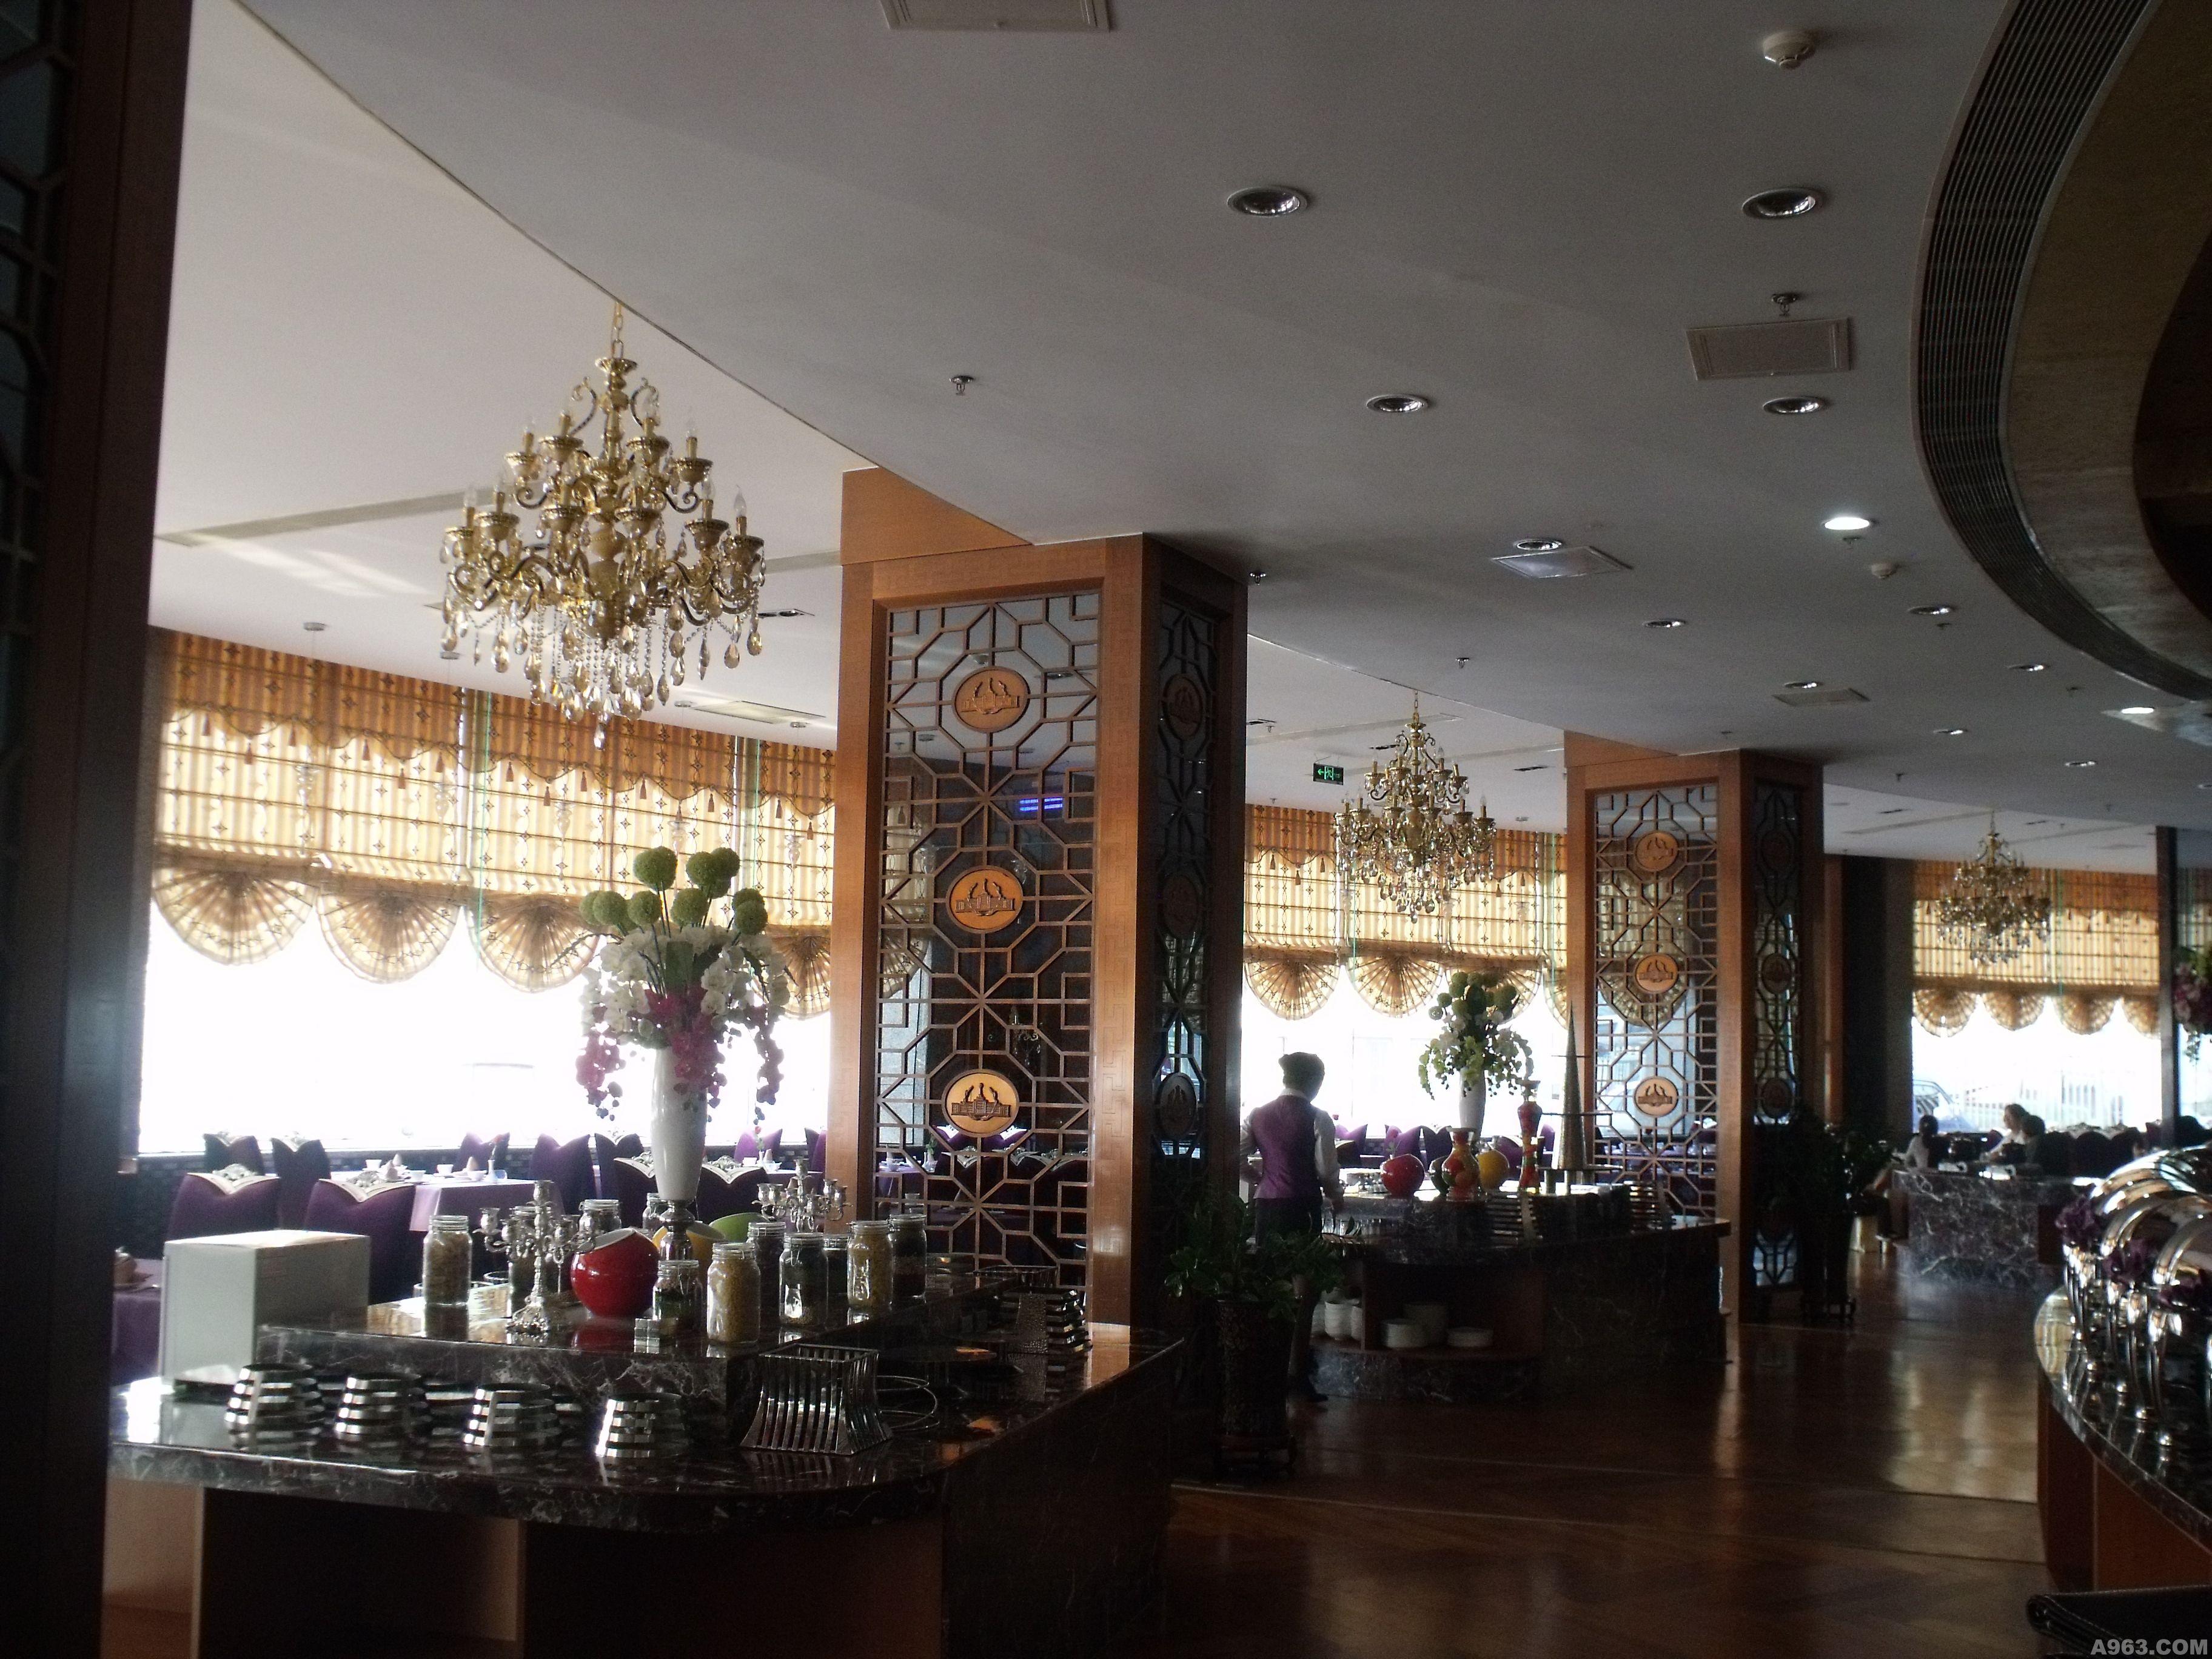 文韬酒店餐厅 - 餐饮空间 - 第2页 - 李进栋设计作品